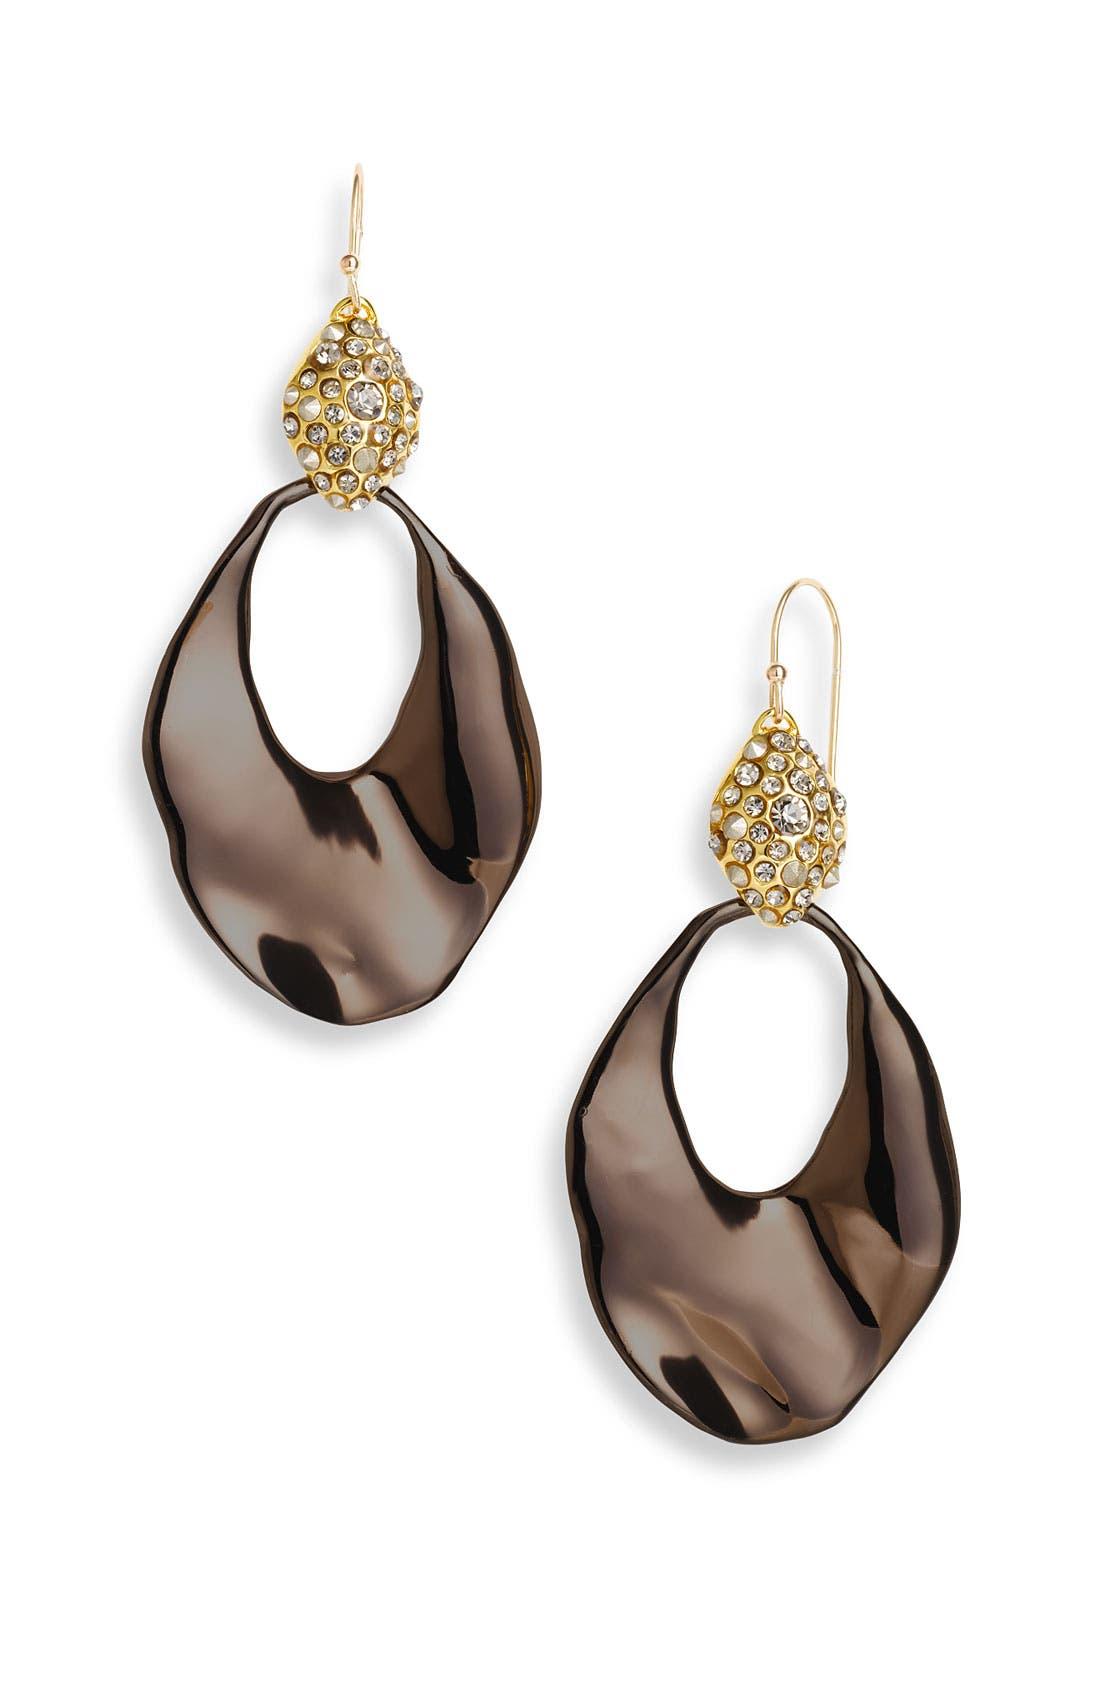 Alternate Image 1 Selected - Alexis Bittar 'Miss Havisham' Wavy Crystal Drop Earrings (Nordstrom Exclusive)